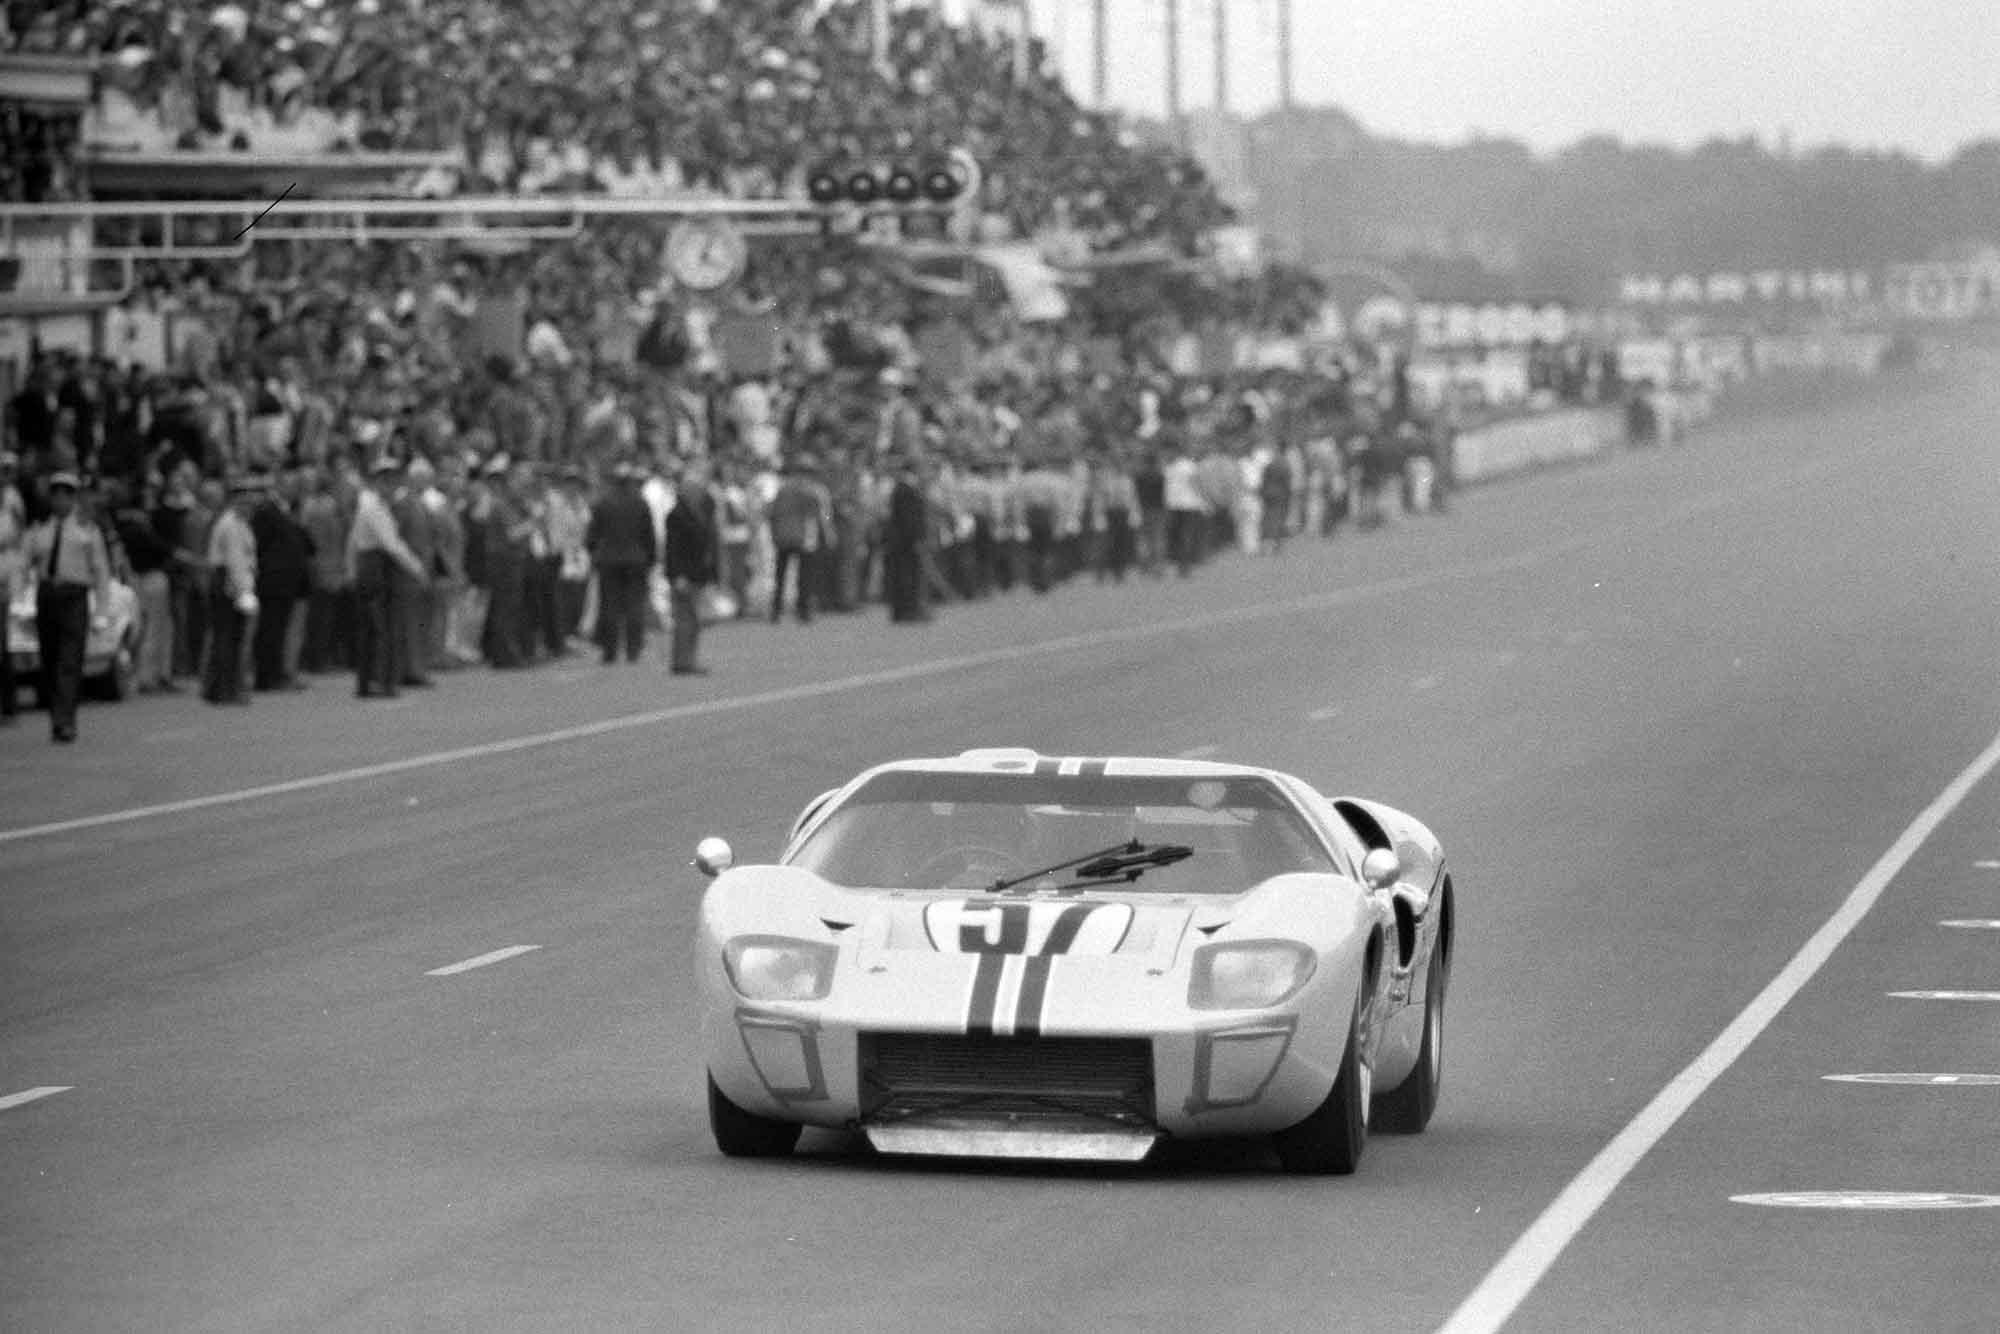 Paul Hawkins / Ronnie Bucknum, Shelby American, Ford GT40 Mk2B, 1967 Le Mans